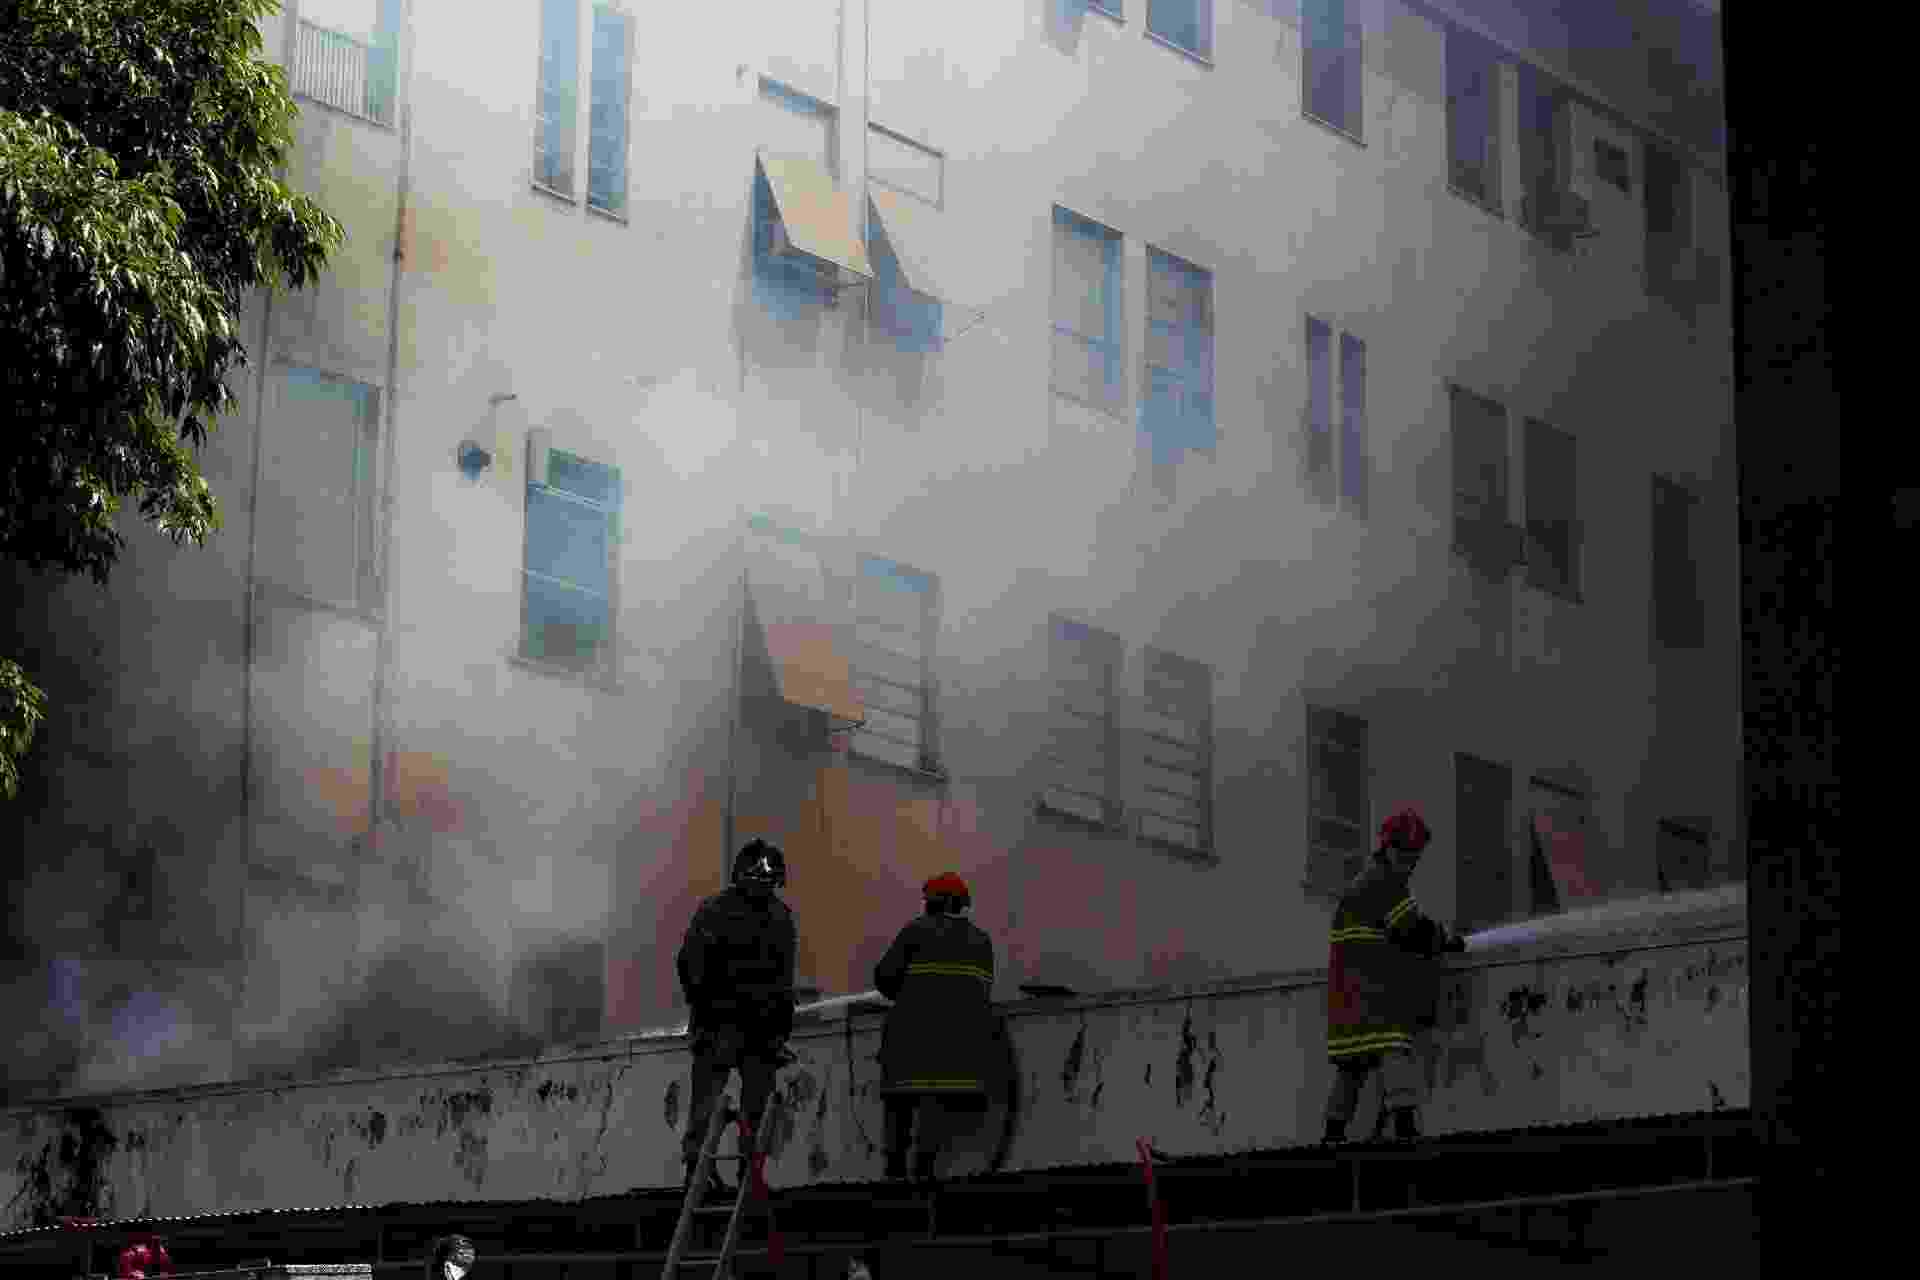 27 out. 2020 - Incêndio atinge Hospital Federal de Bonsucesso, na zona norte do Rio de Janeiro - Beatriz Orle/Futura Press/Estadão Conteúdo